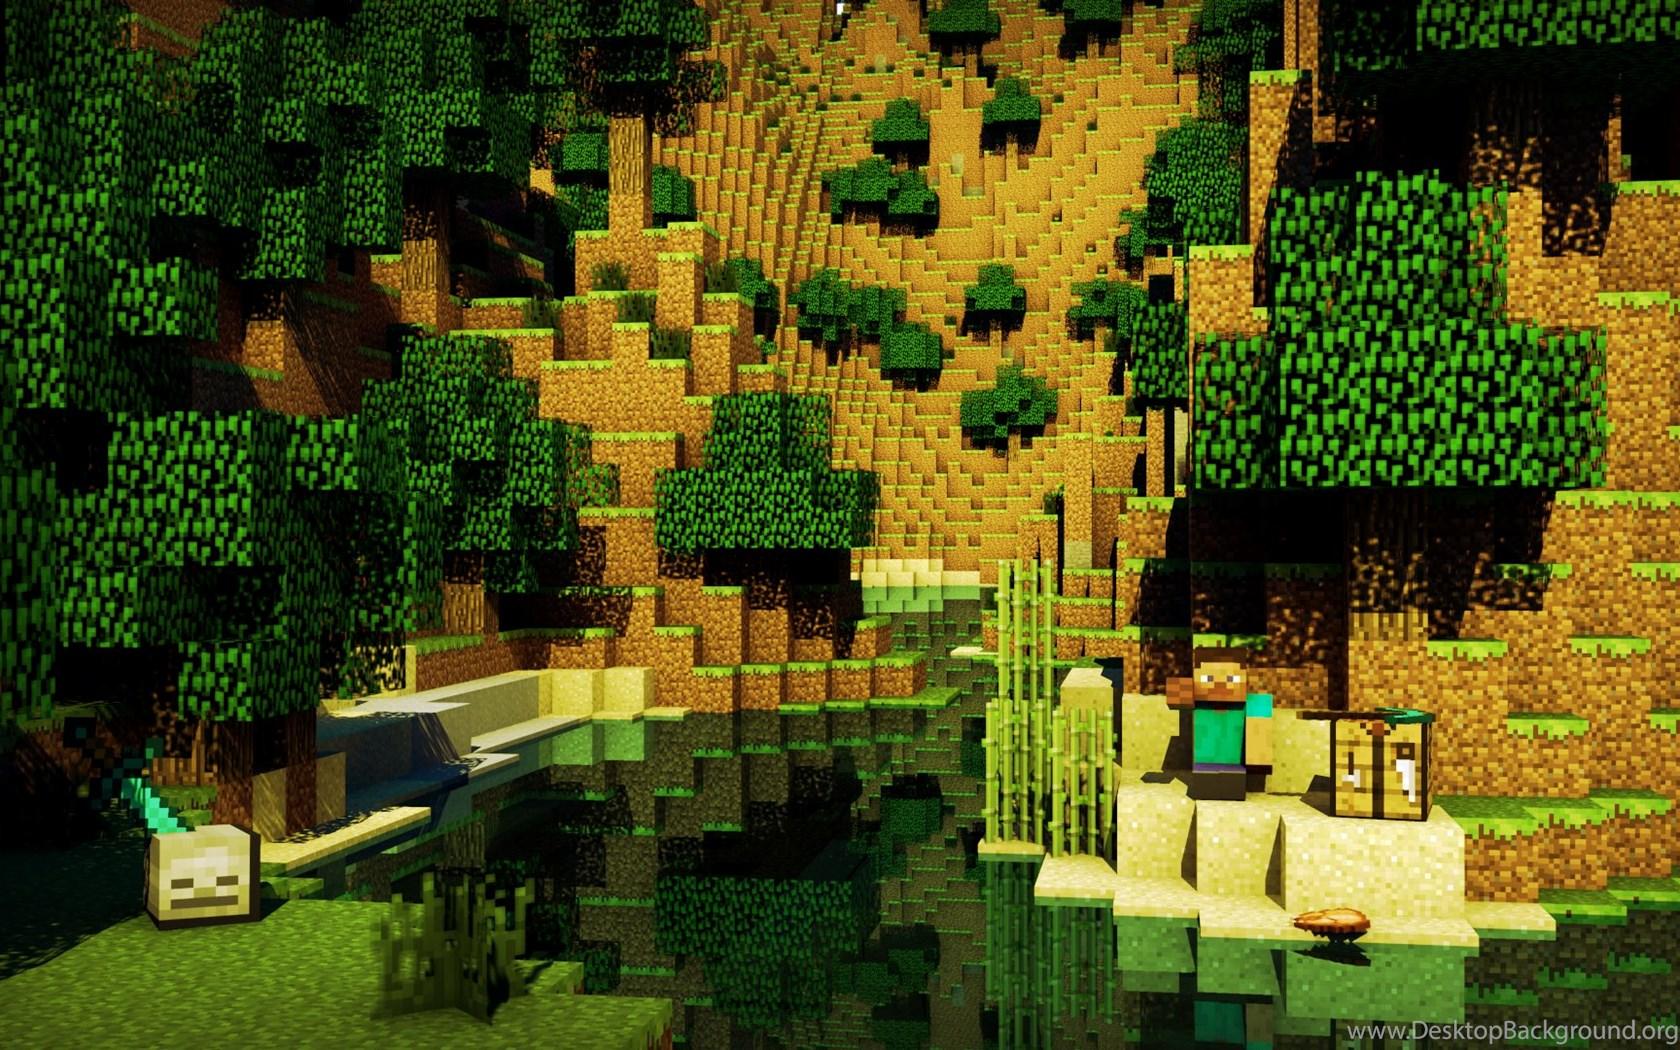 Great Wallpaper Minecraft Ipod Touch - 1056679_minecraft-hd-wallpaper-backgrounds-5671d-wallpapers-hd-fix_1920x1080_h  2018_896410.jpg